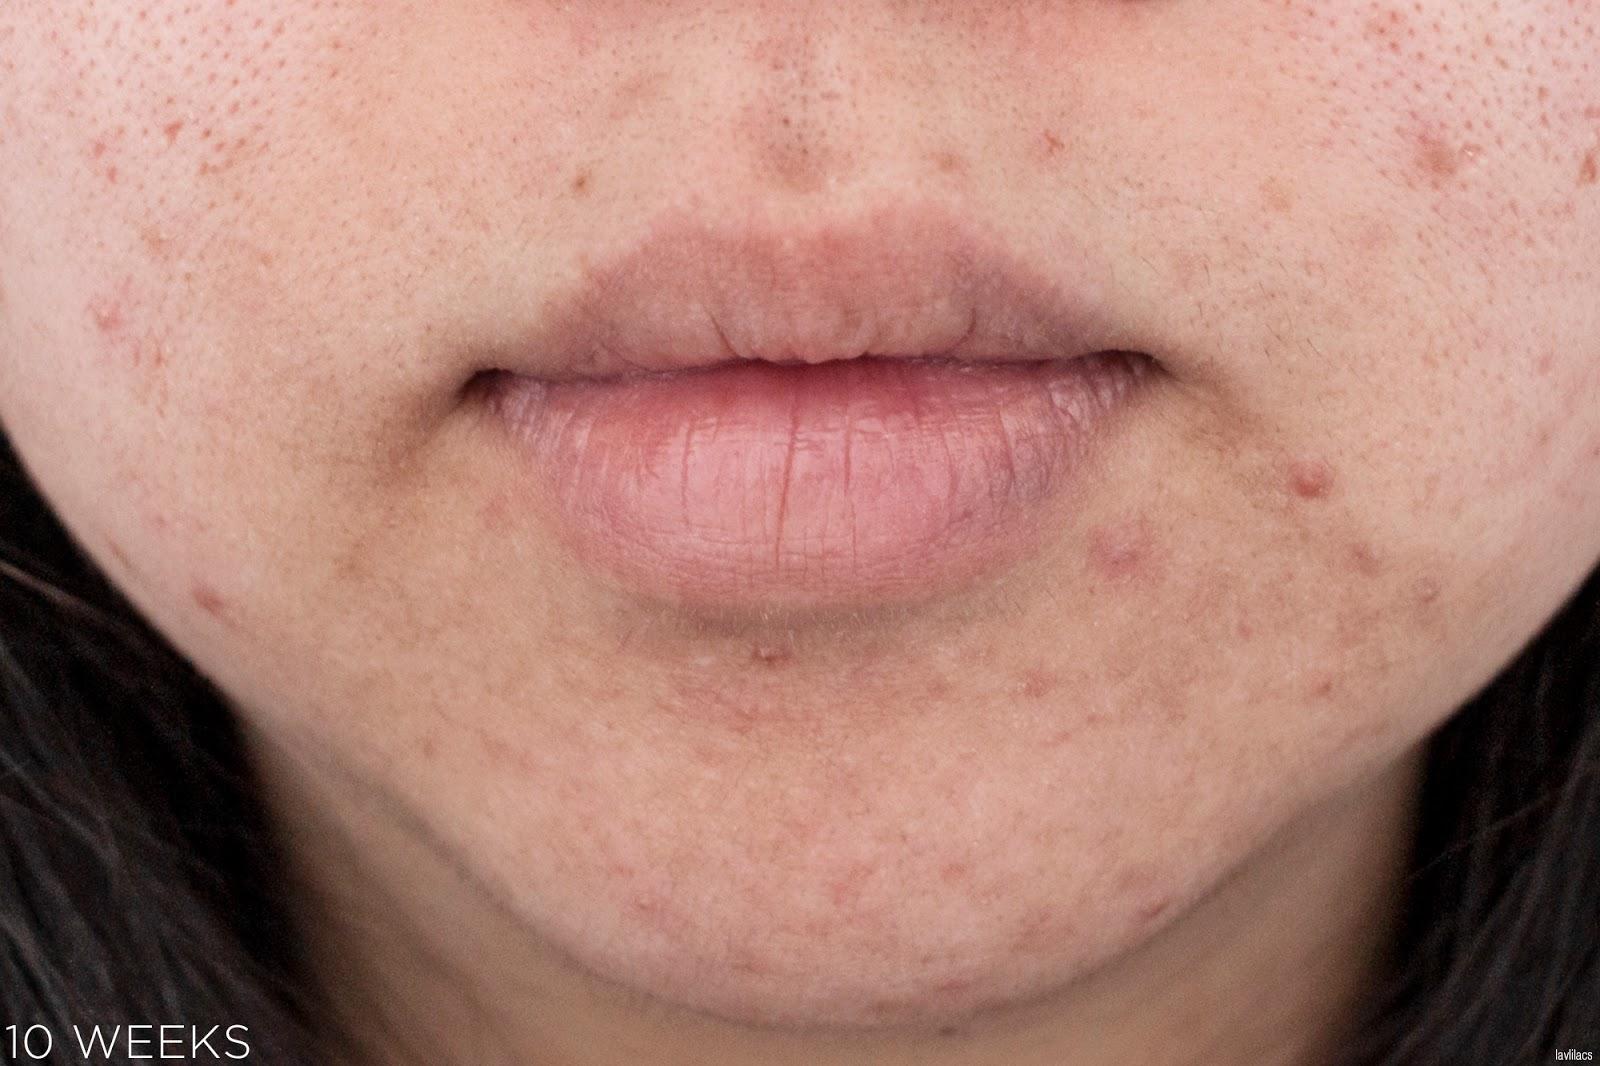 tria Hair Removal Laser Facial Hair 10 Weeks, 2 months Closeup